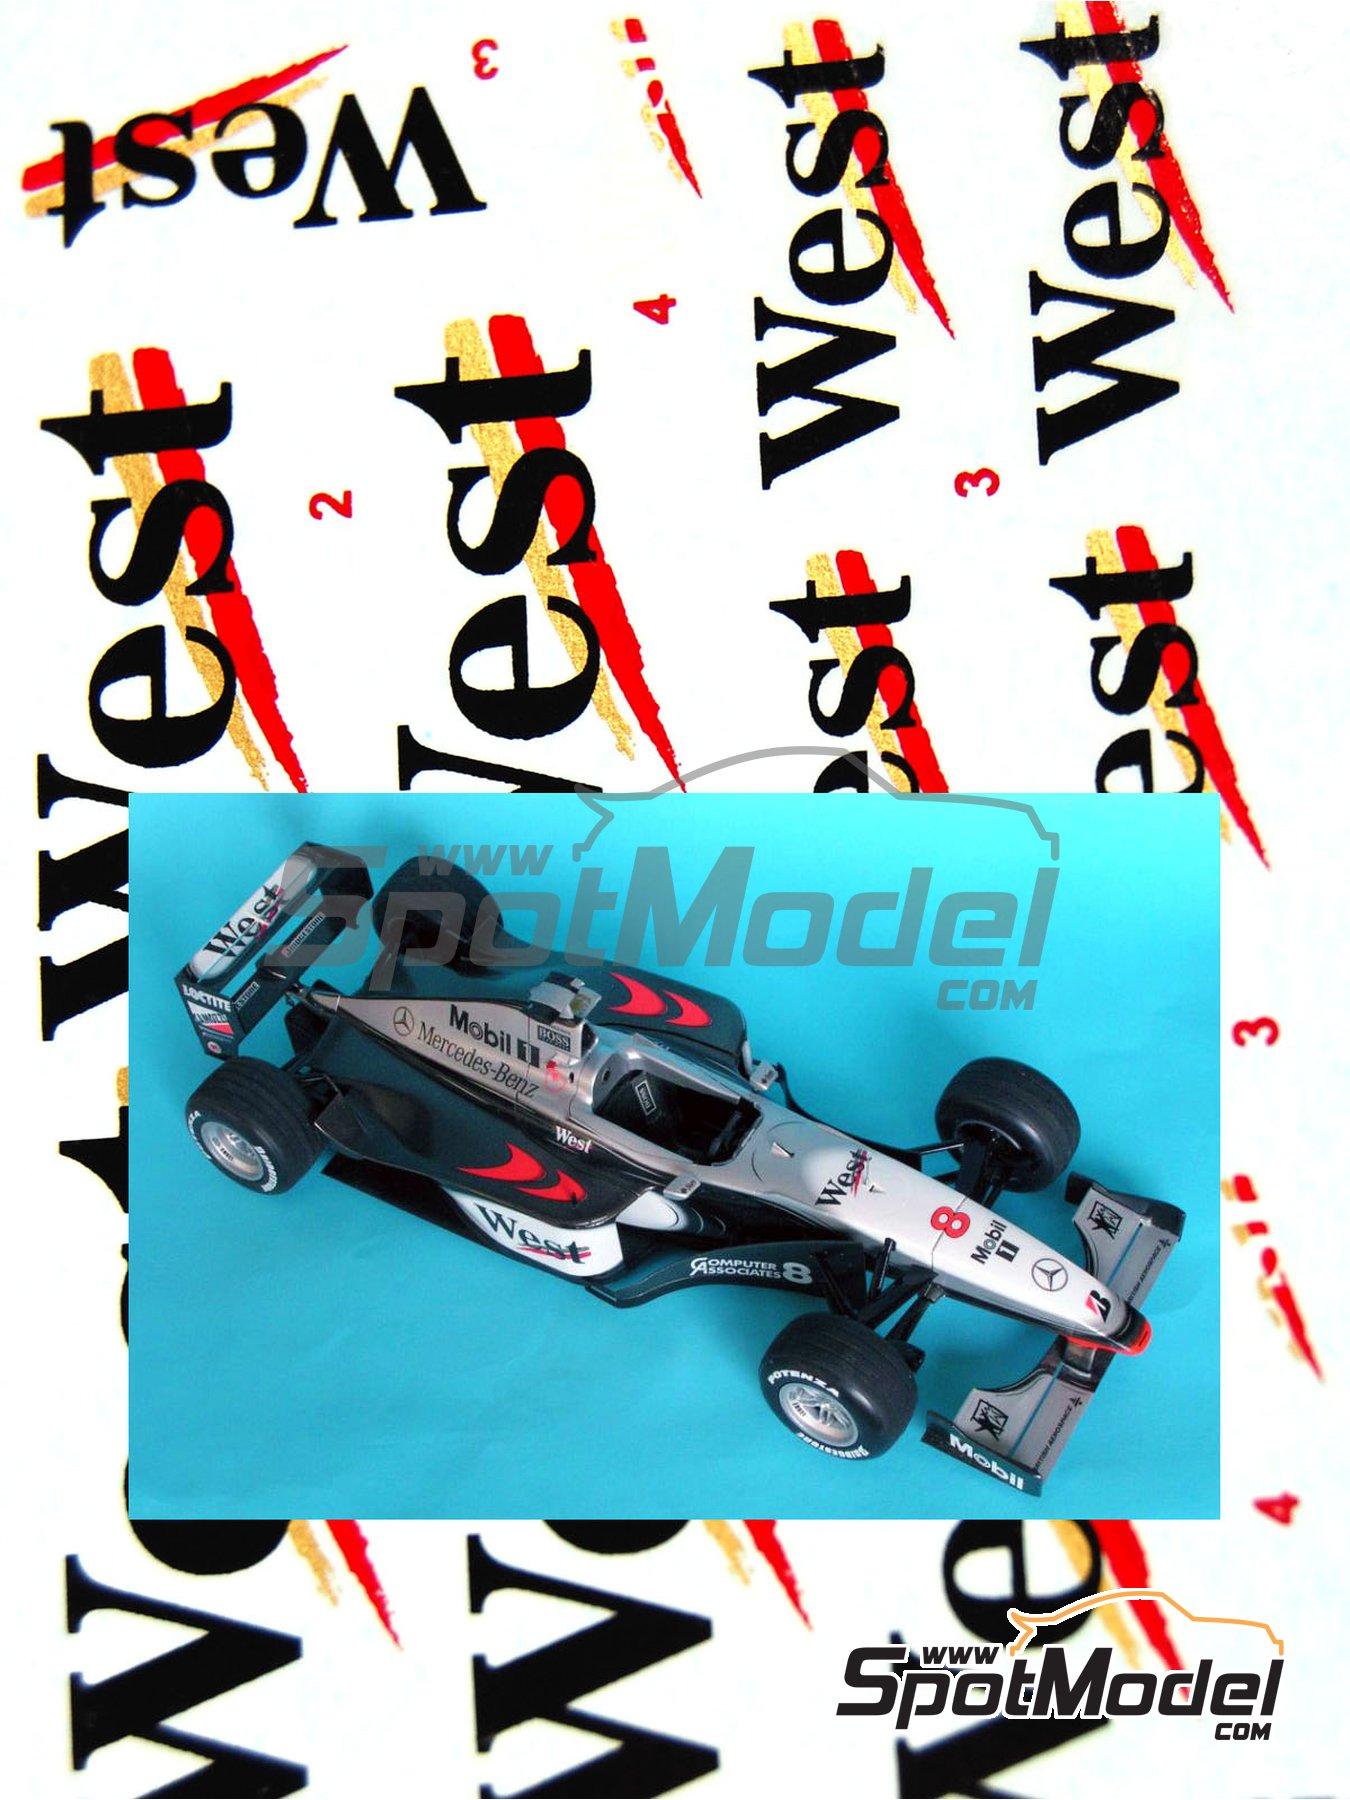 McLaren Mercedes MP4/13 West - Campeonato del Mundo de Formula1 1998 | Decoración en escala1/20 fabricado por Reji Model (ref.REJI-025) image